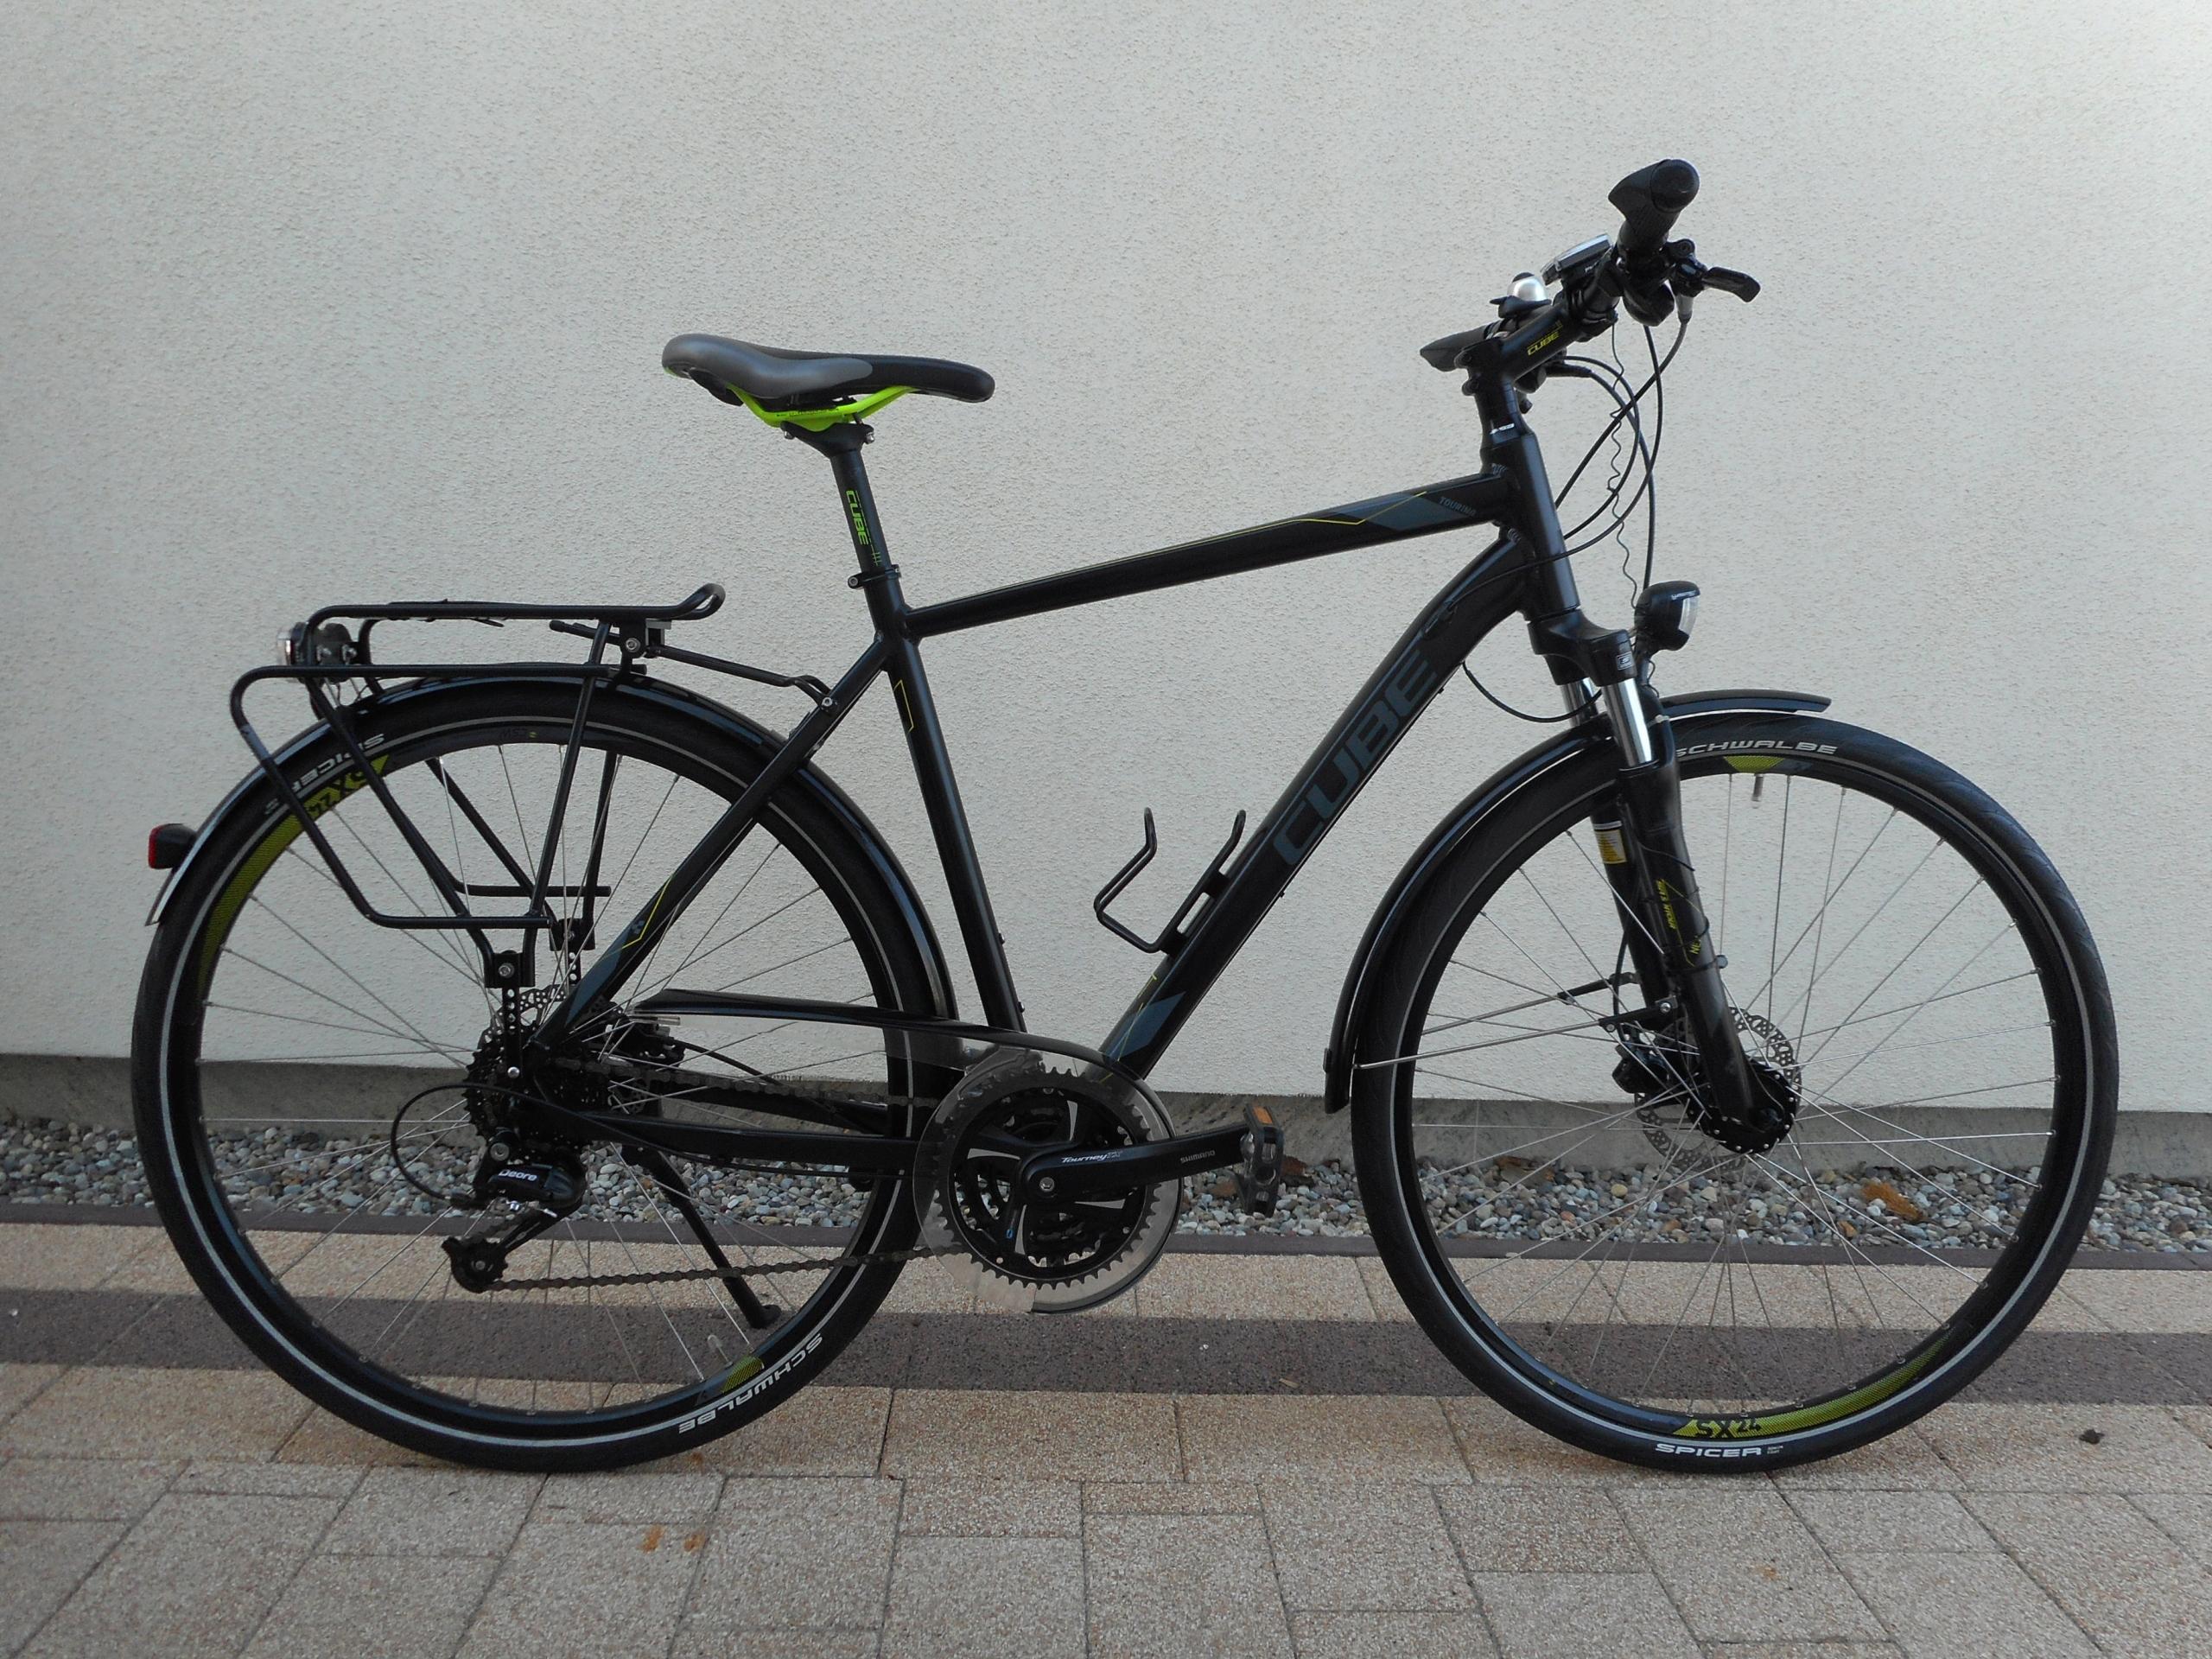 rower CUBE TOURING koła 28 24 biegów powystawowy